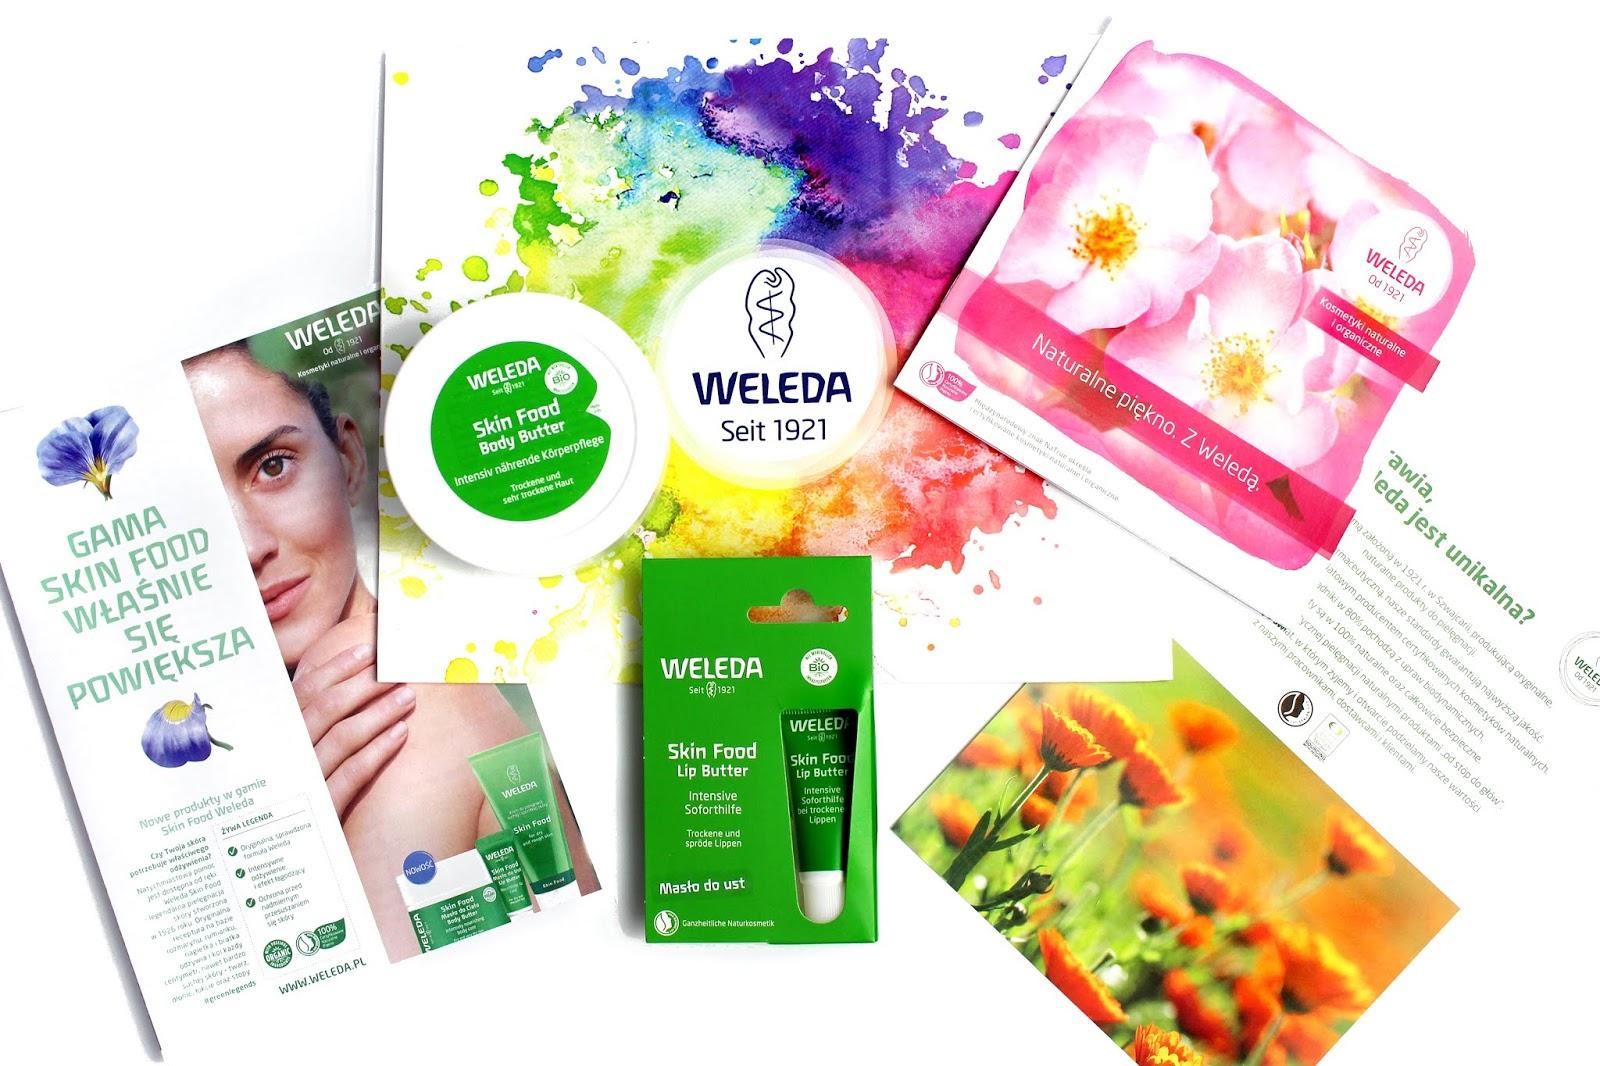 Weleda, Silnie nawilżające kosmetyki z serii Skin Food - masło do ciała oraz balsam ochronny do ust